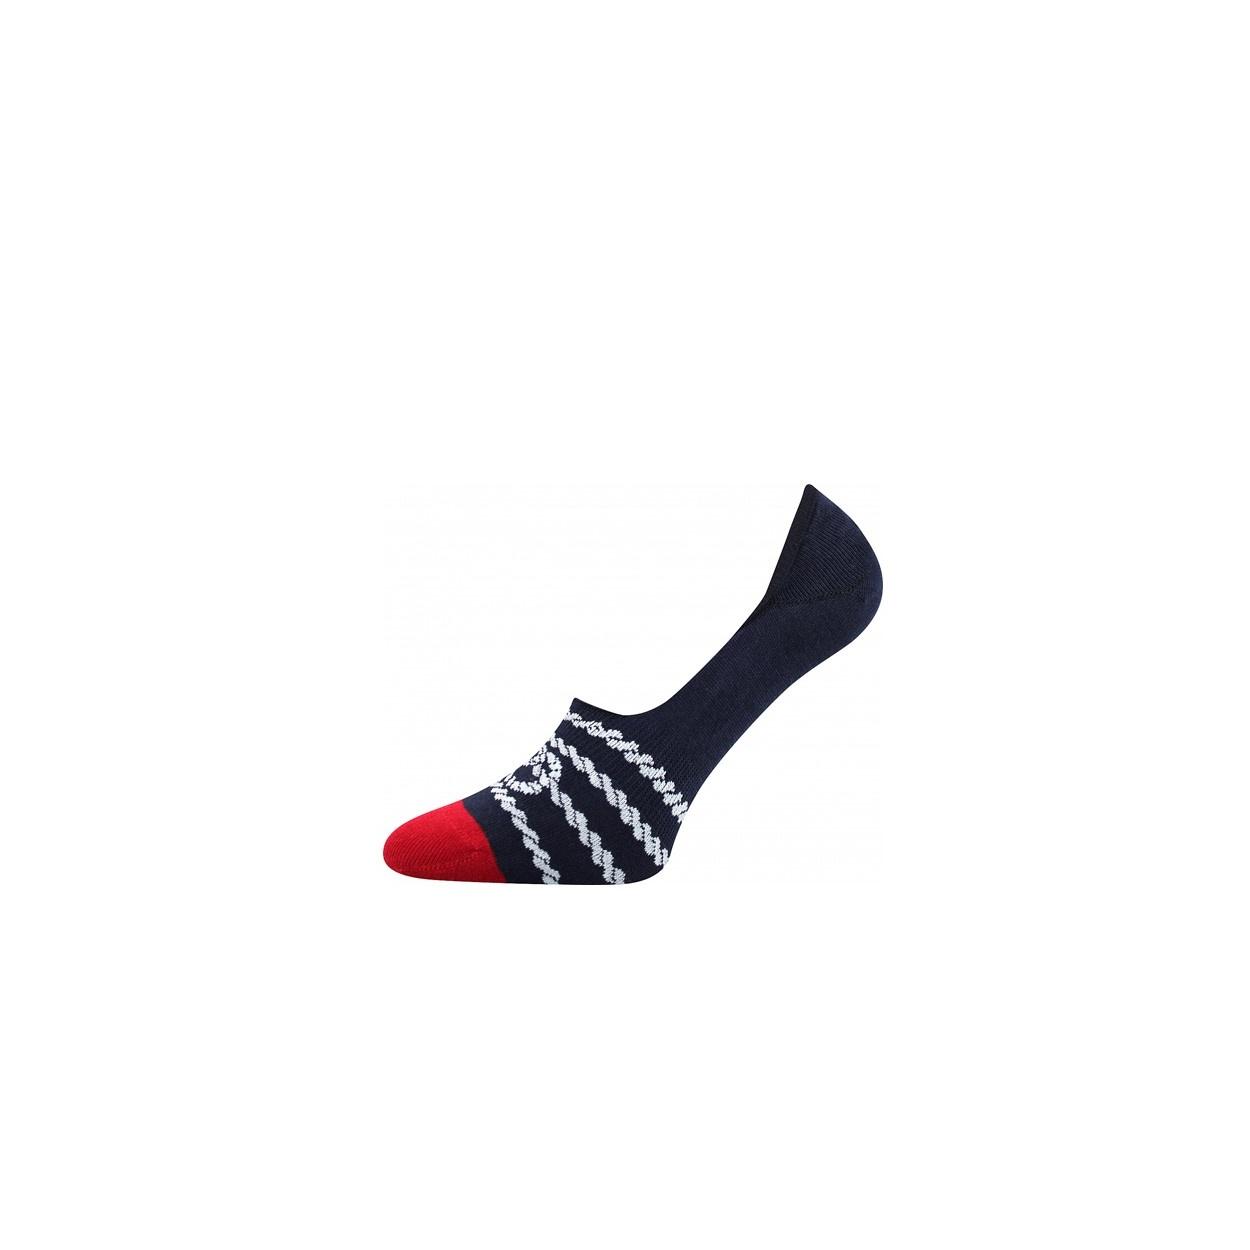 Tmavě modro červené pánské nízké ponožky PROVAZ. 62 7e9eda146c